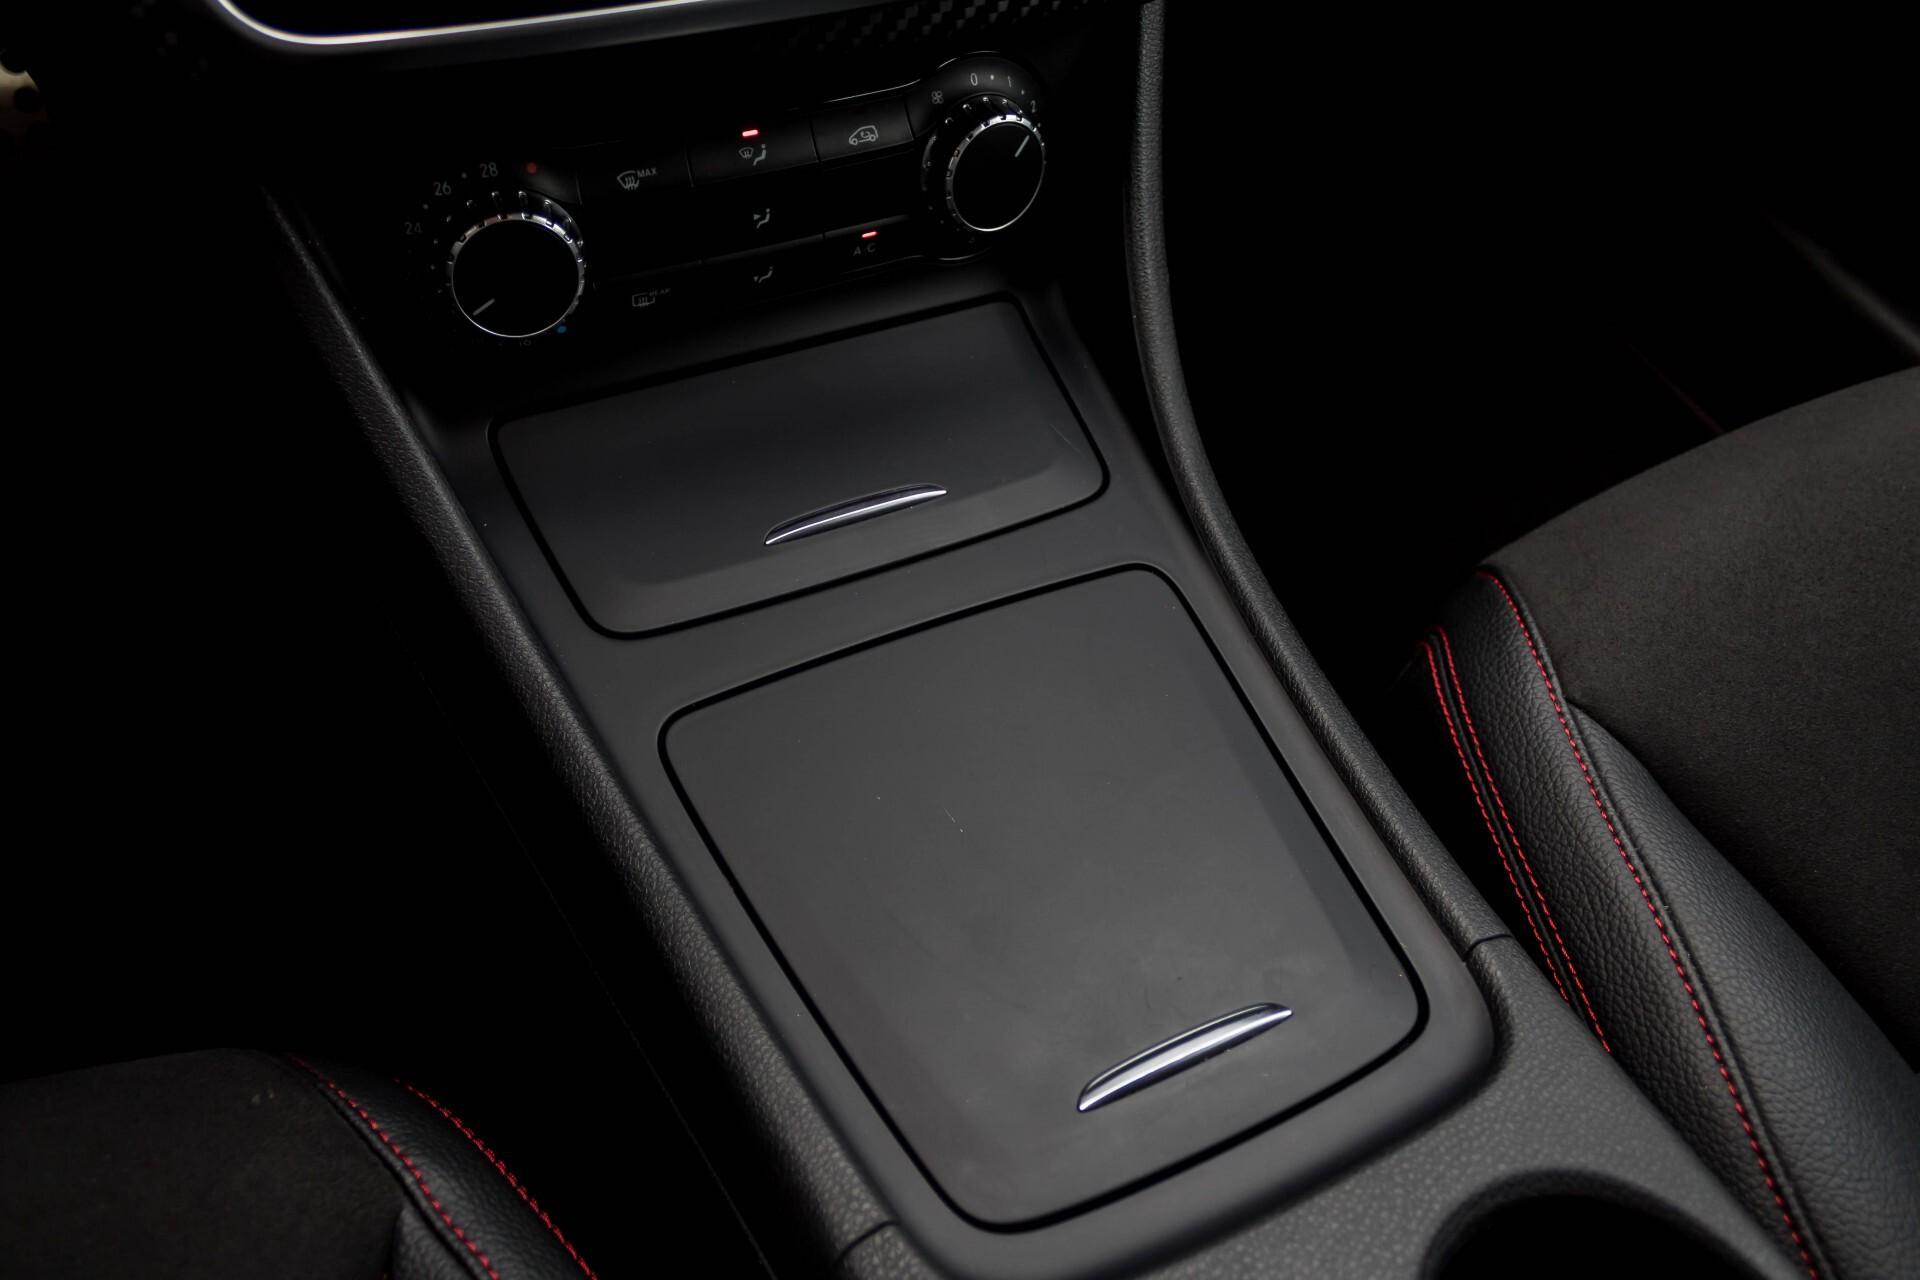 Mercedes-Benz A-Klasse 180 Cdi AMG Panorama Bi-xenon/Navi/PTS Aut7 Foto 19